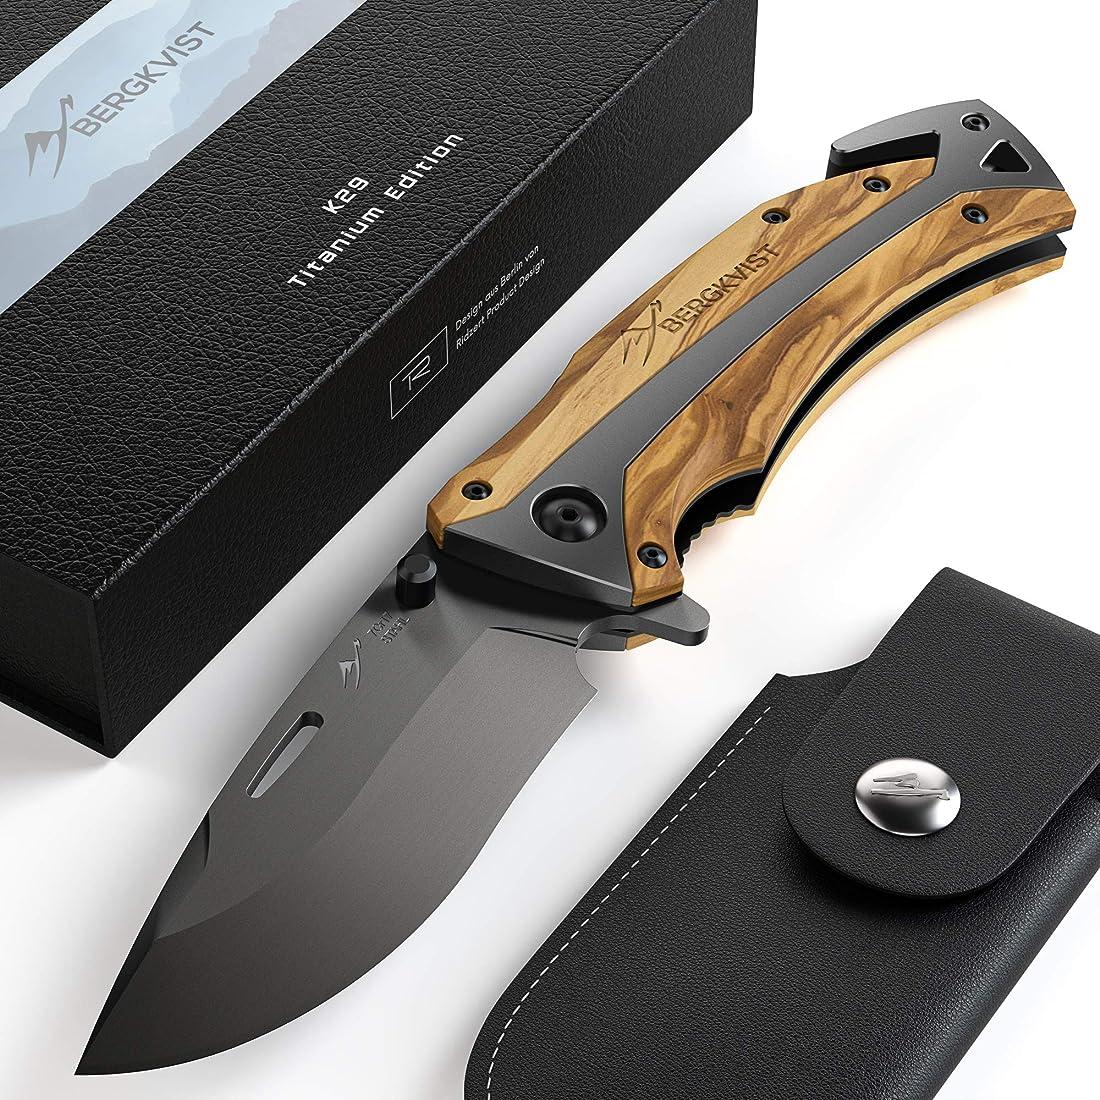 Bergkvist® coltellino tascabile k29 titanium 3 in 1 coltello pieghevole i coltello da caccia con manico in leg B07QDLWBJG